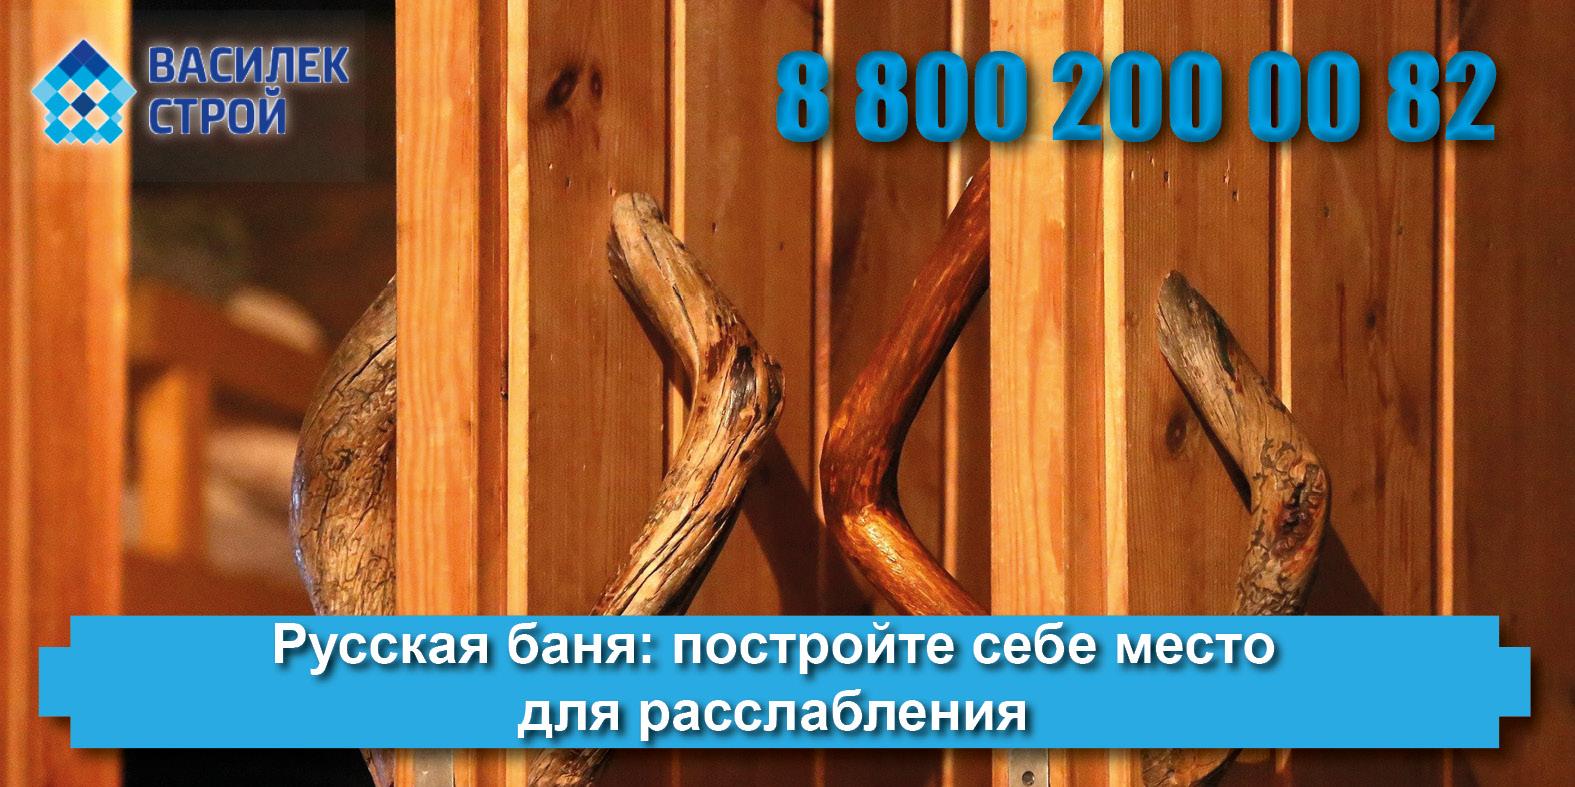 Строительство своими руками русской бани, заказать строительство русской бани под ключ